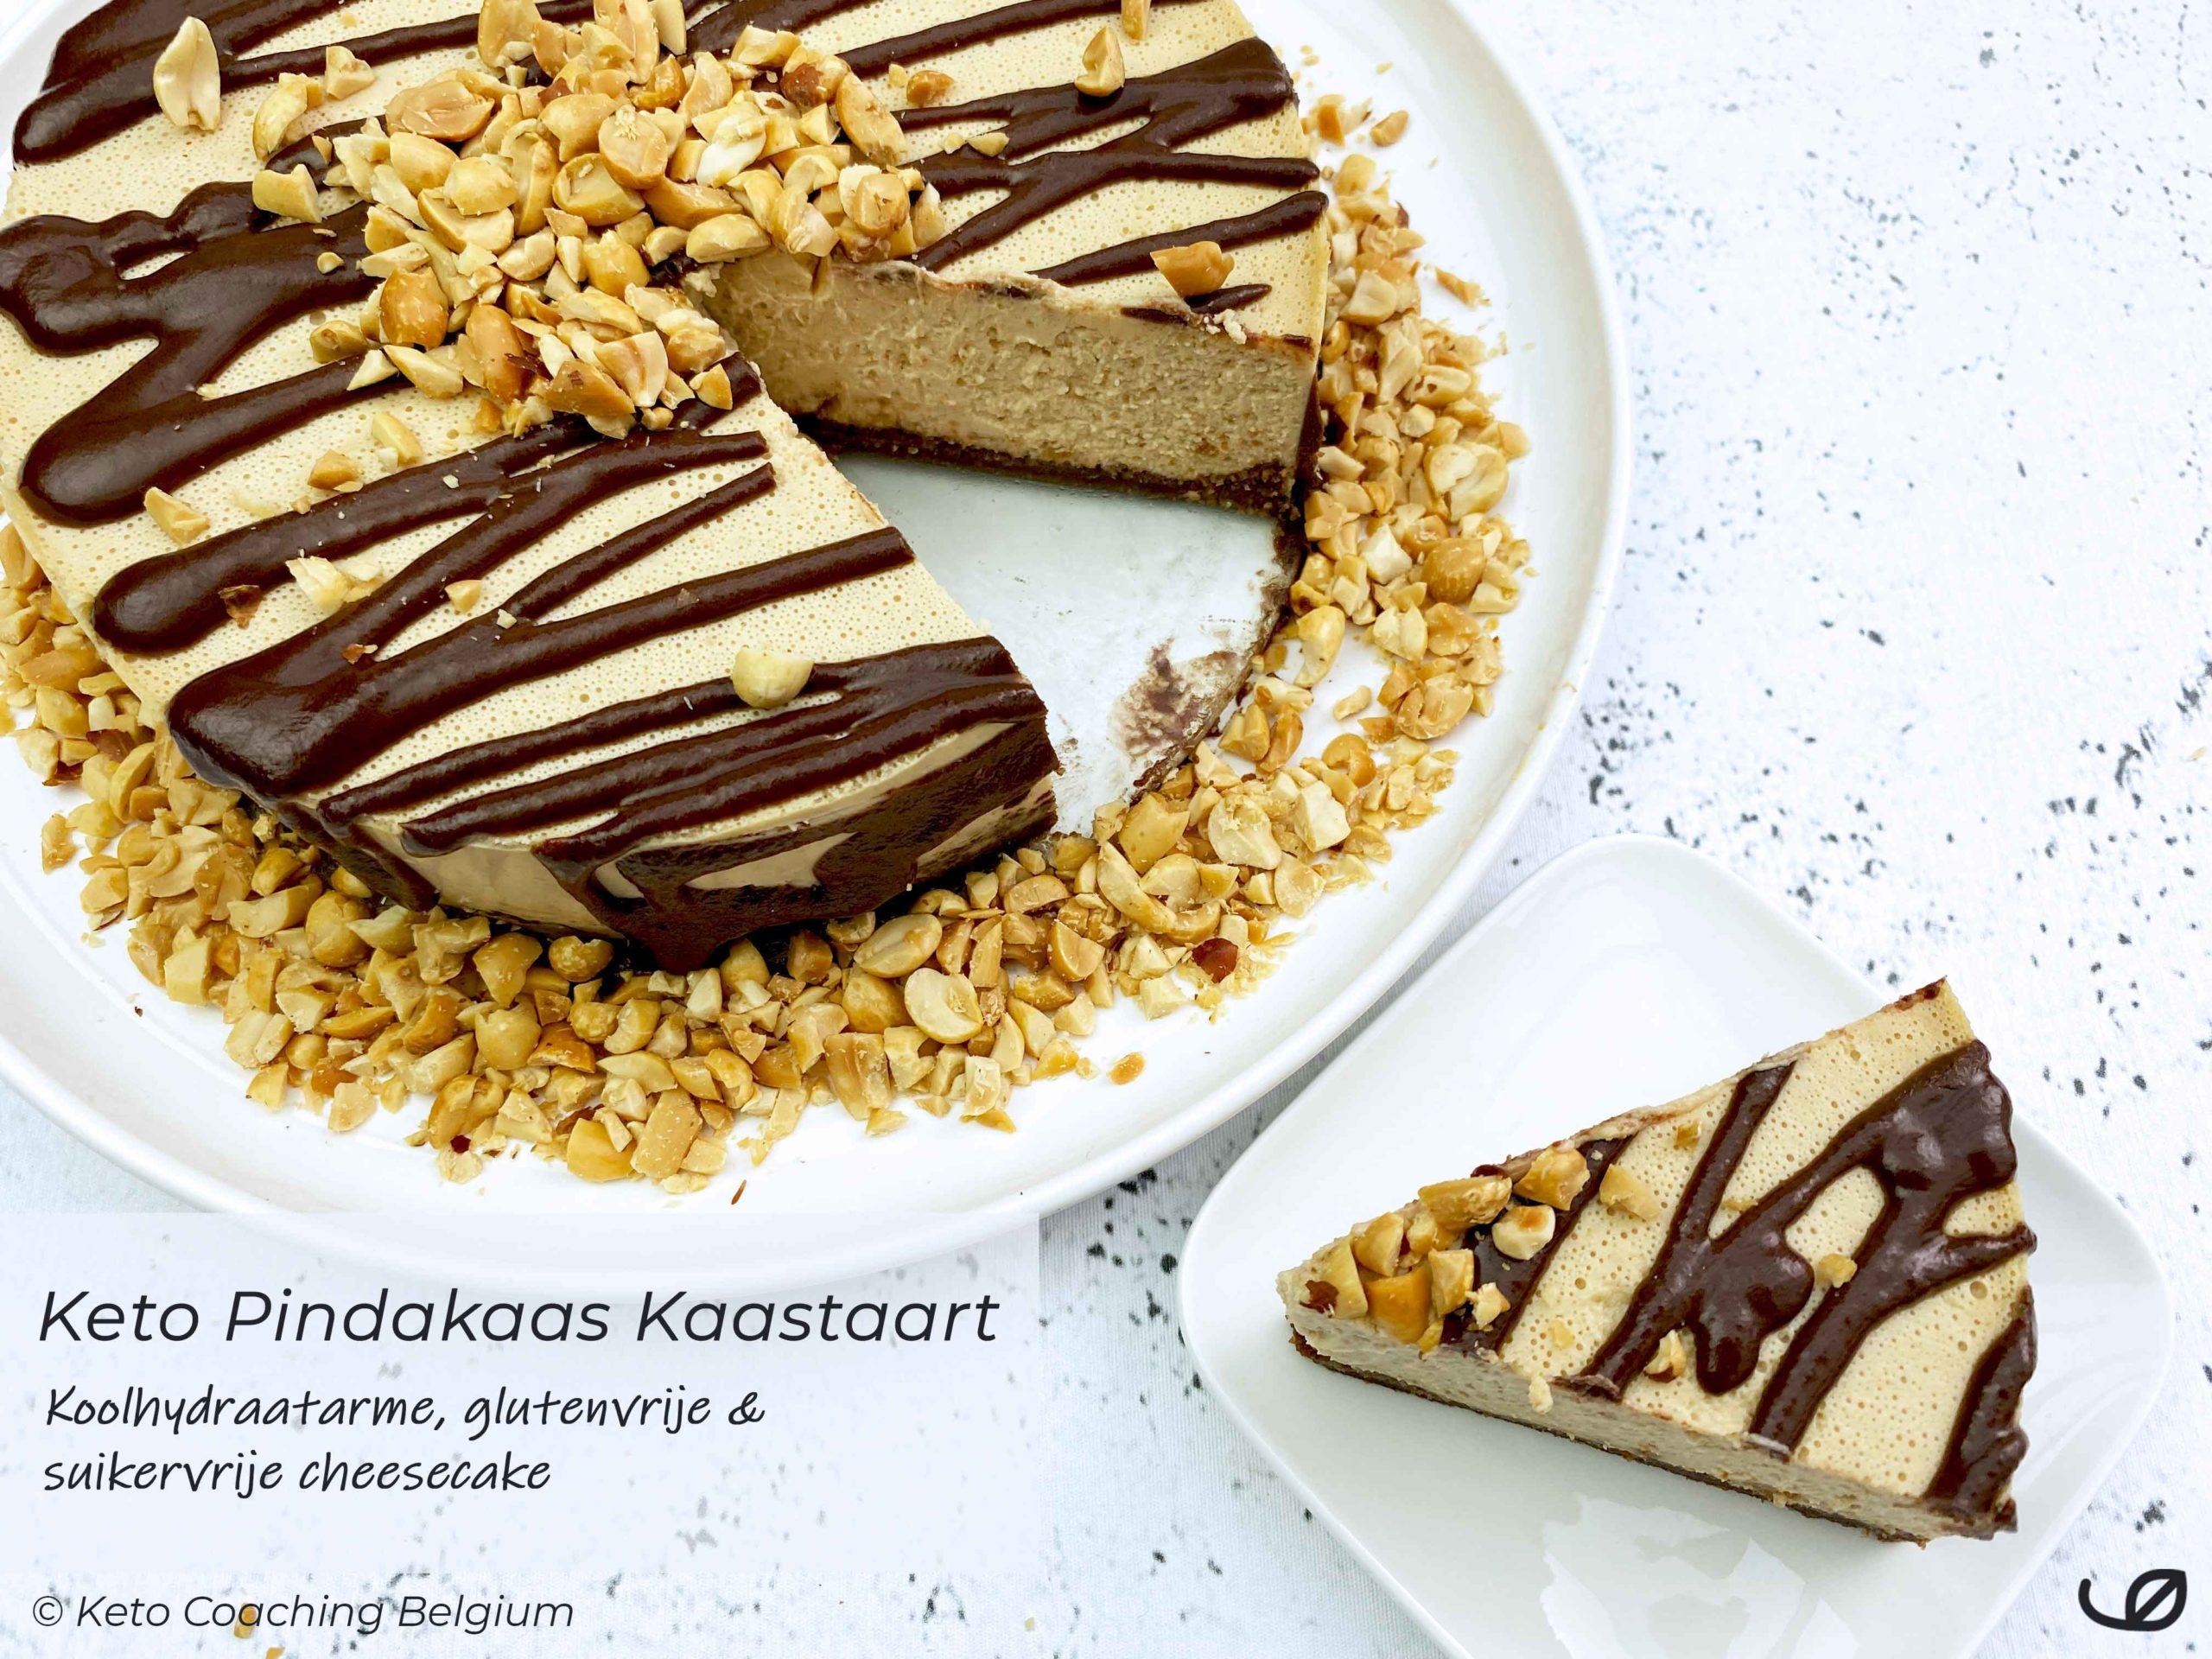 keto koolhydraatarme pindakaas kaastaart glutenvrije amandel cacao taartbodem en chocolade ganache met pindanoten recept